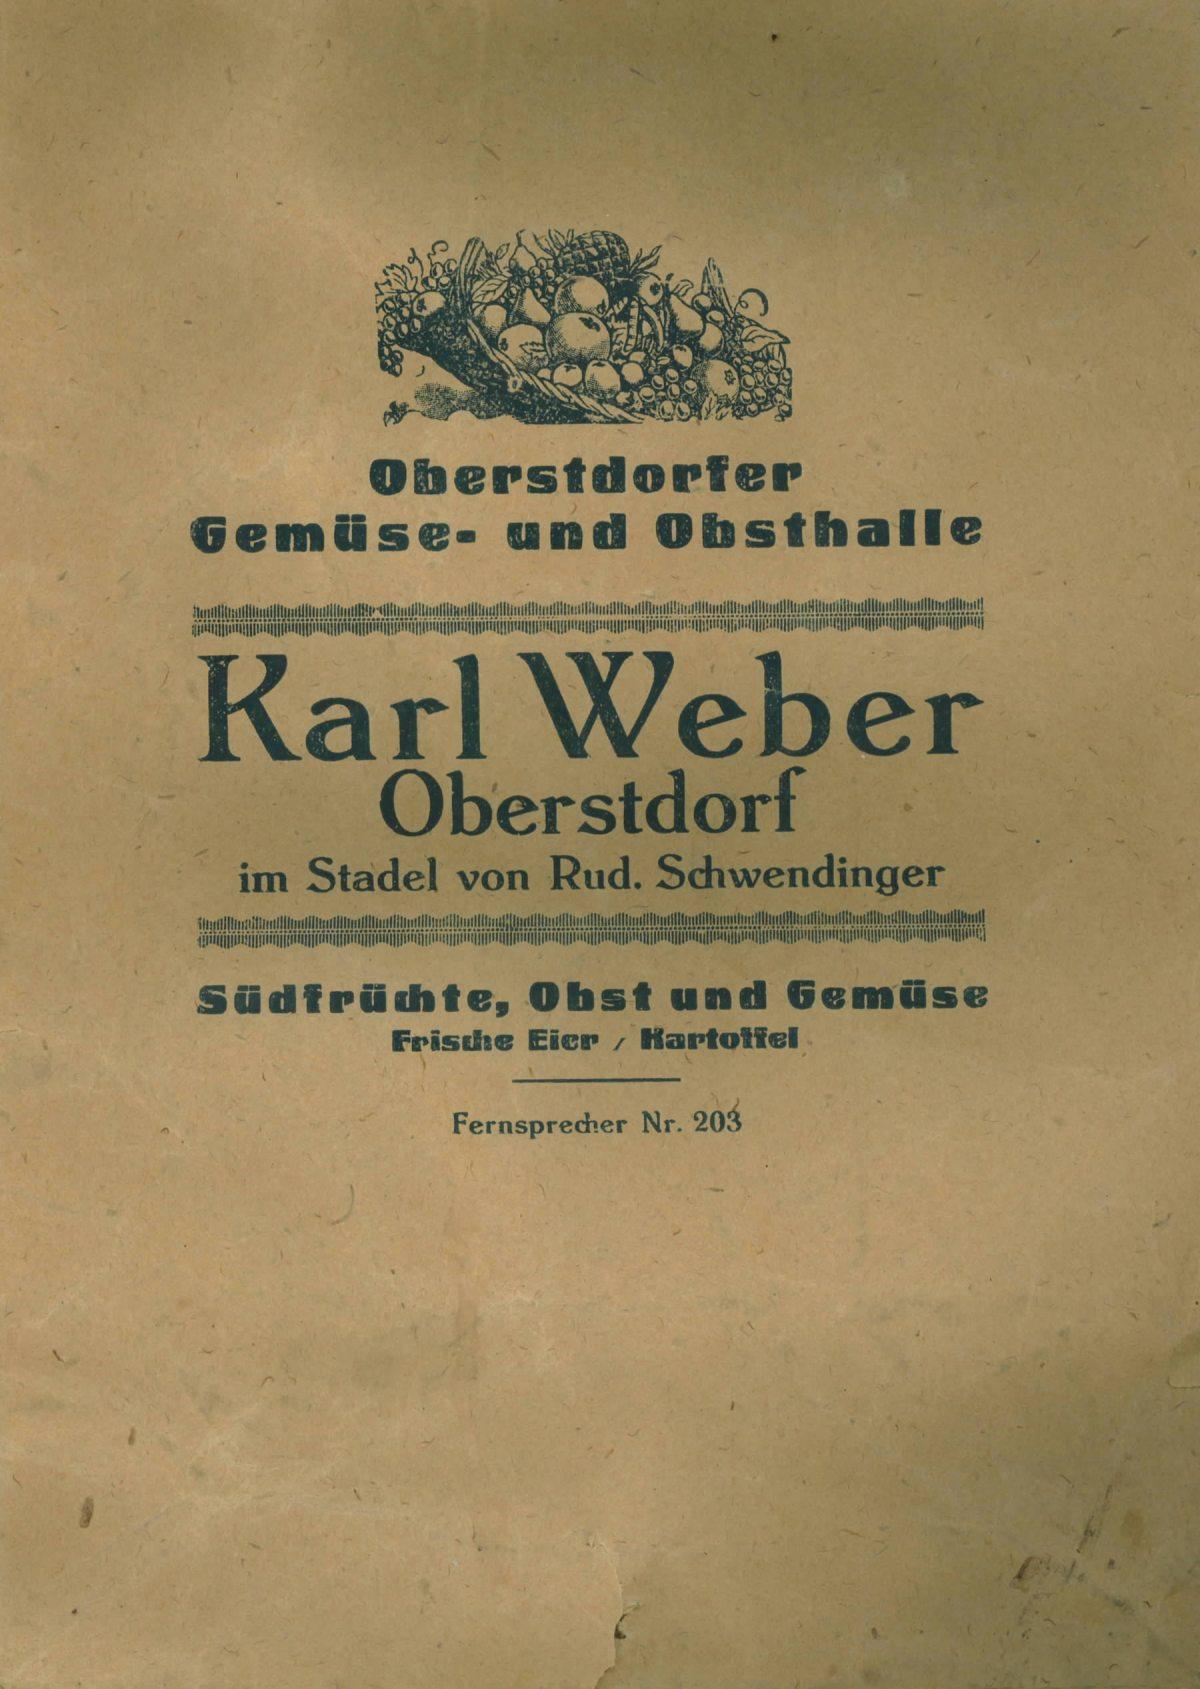 Einkaufstüte: Karl Weber (Gemüse/Obst)